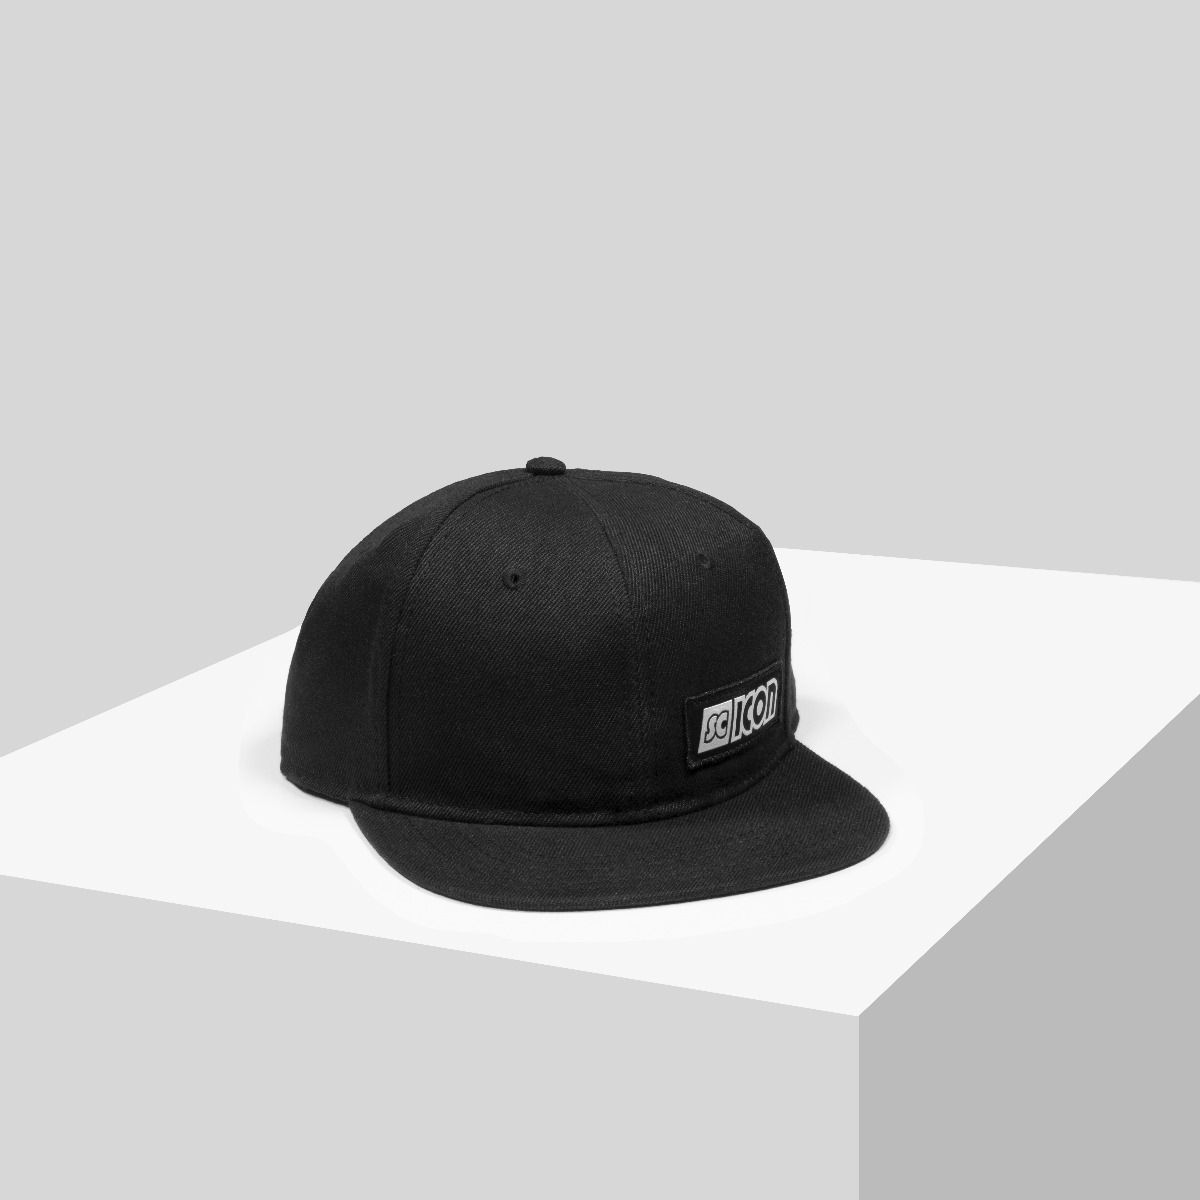 SQUADRA SNAPBACK CAP 02